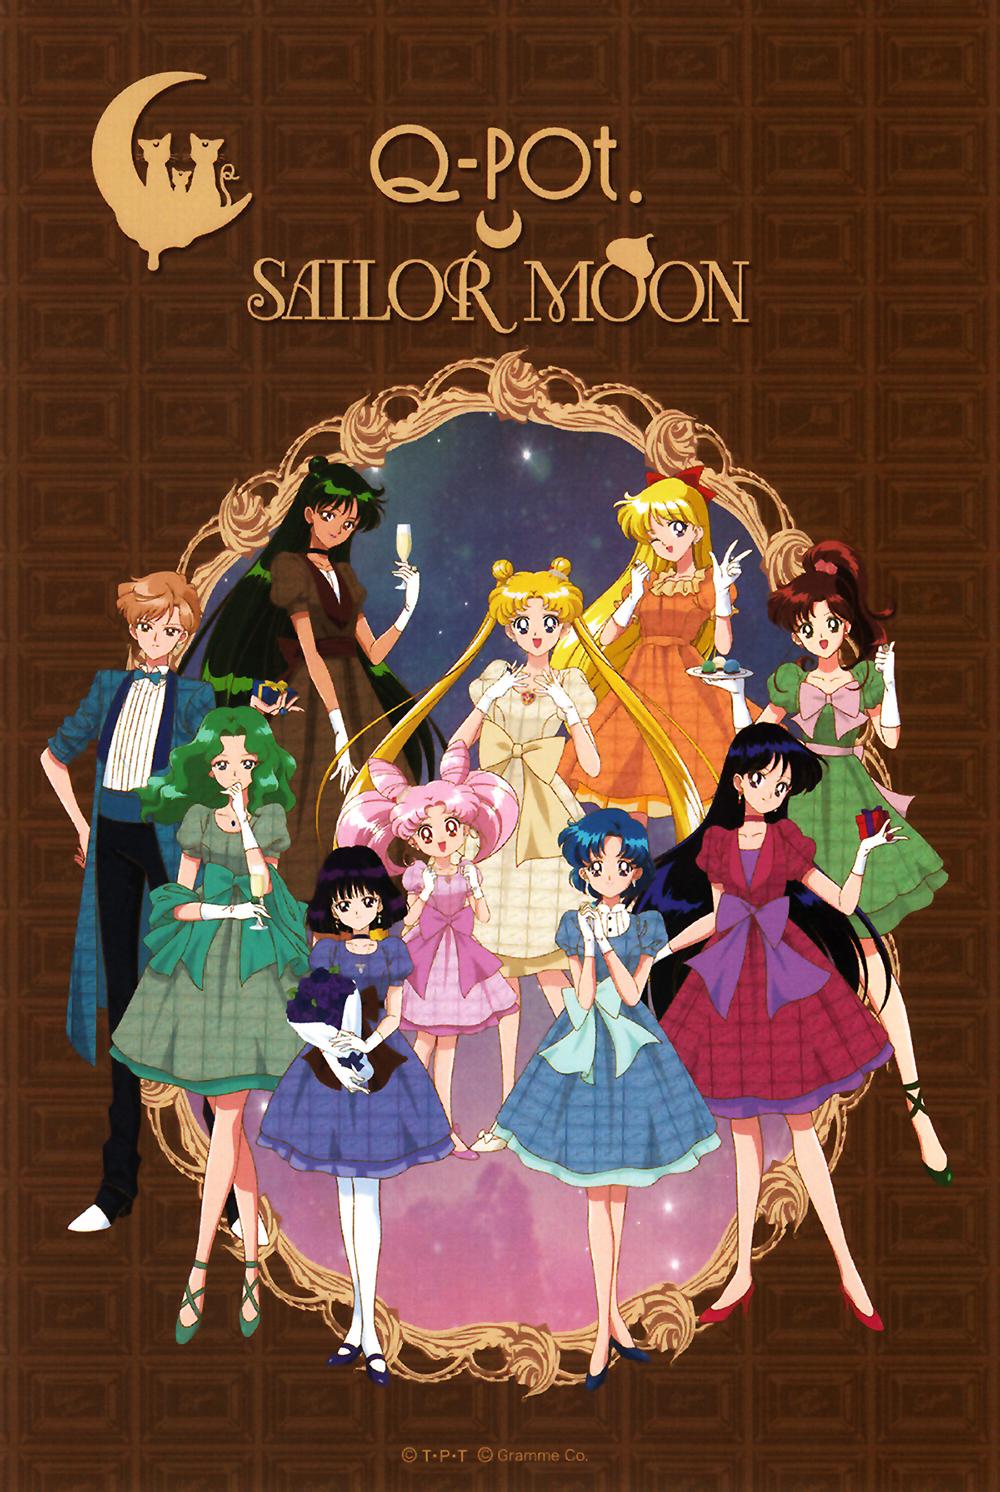 Sailor-moon-qpot-2016-postcard-01